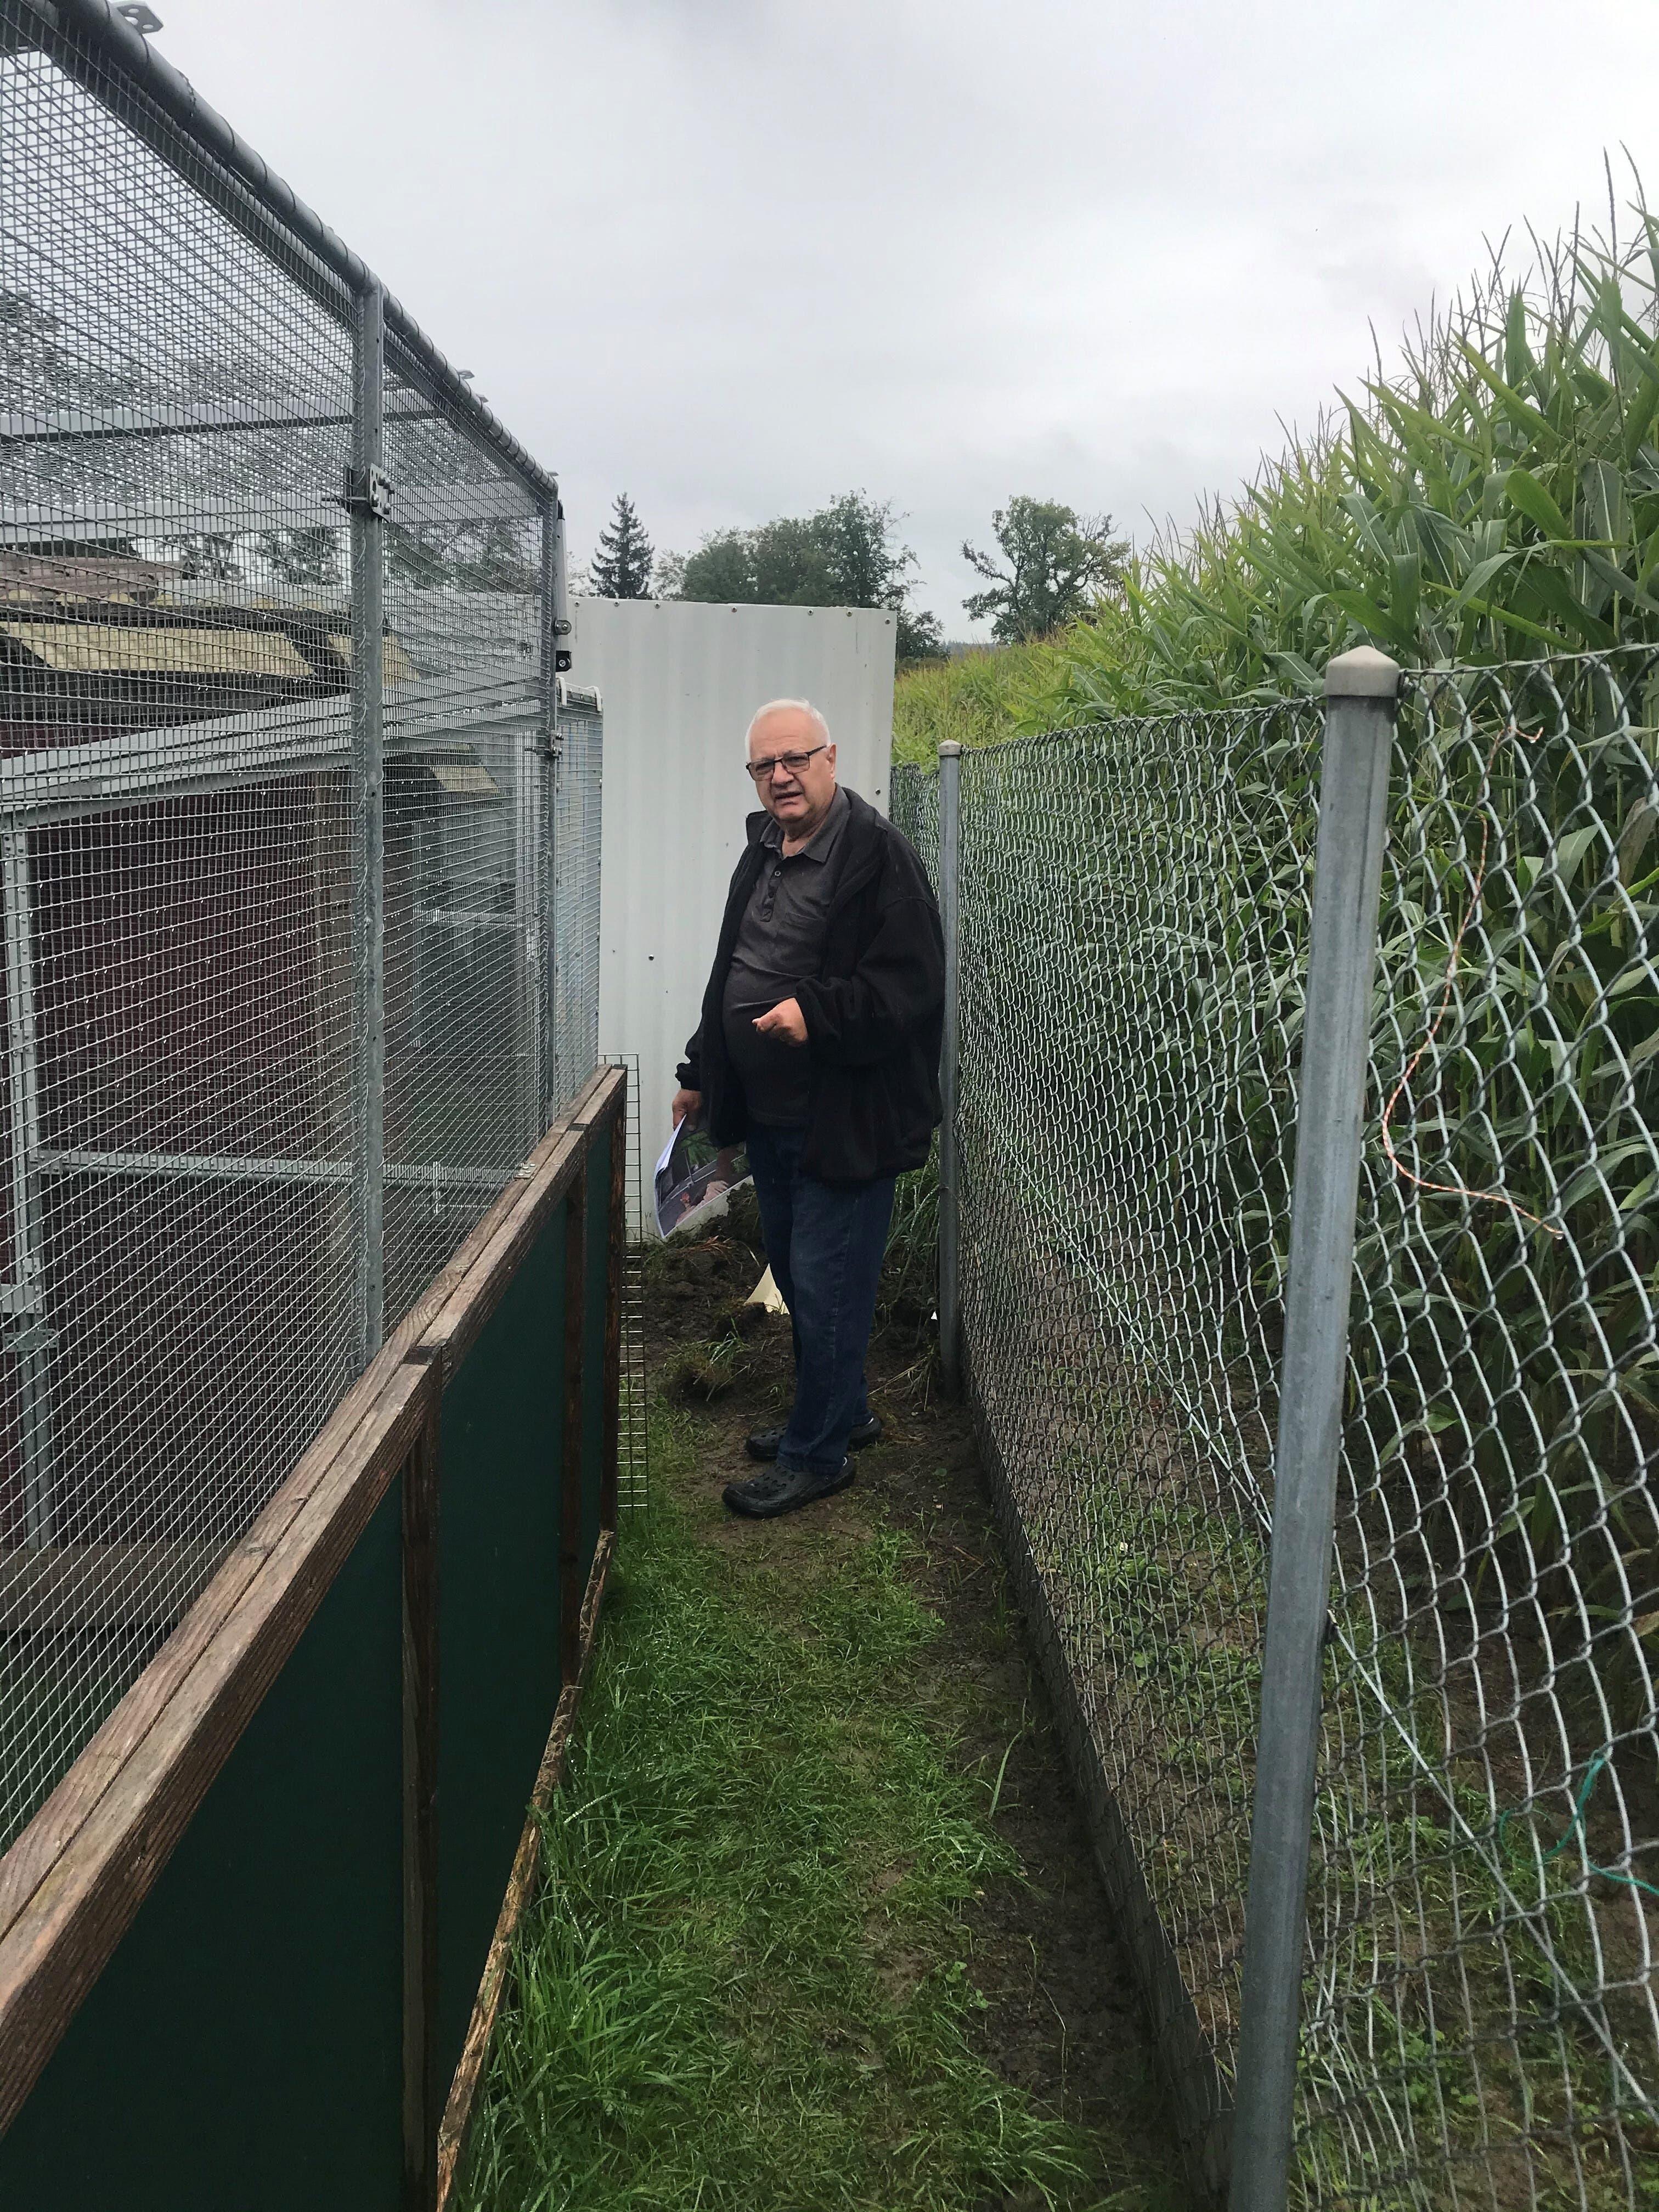 Hoher Zaun schirmt das Gehege vom Maisfeld ab: In dieses Feld warfen die Einbrecher die Hühner.